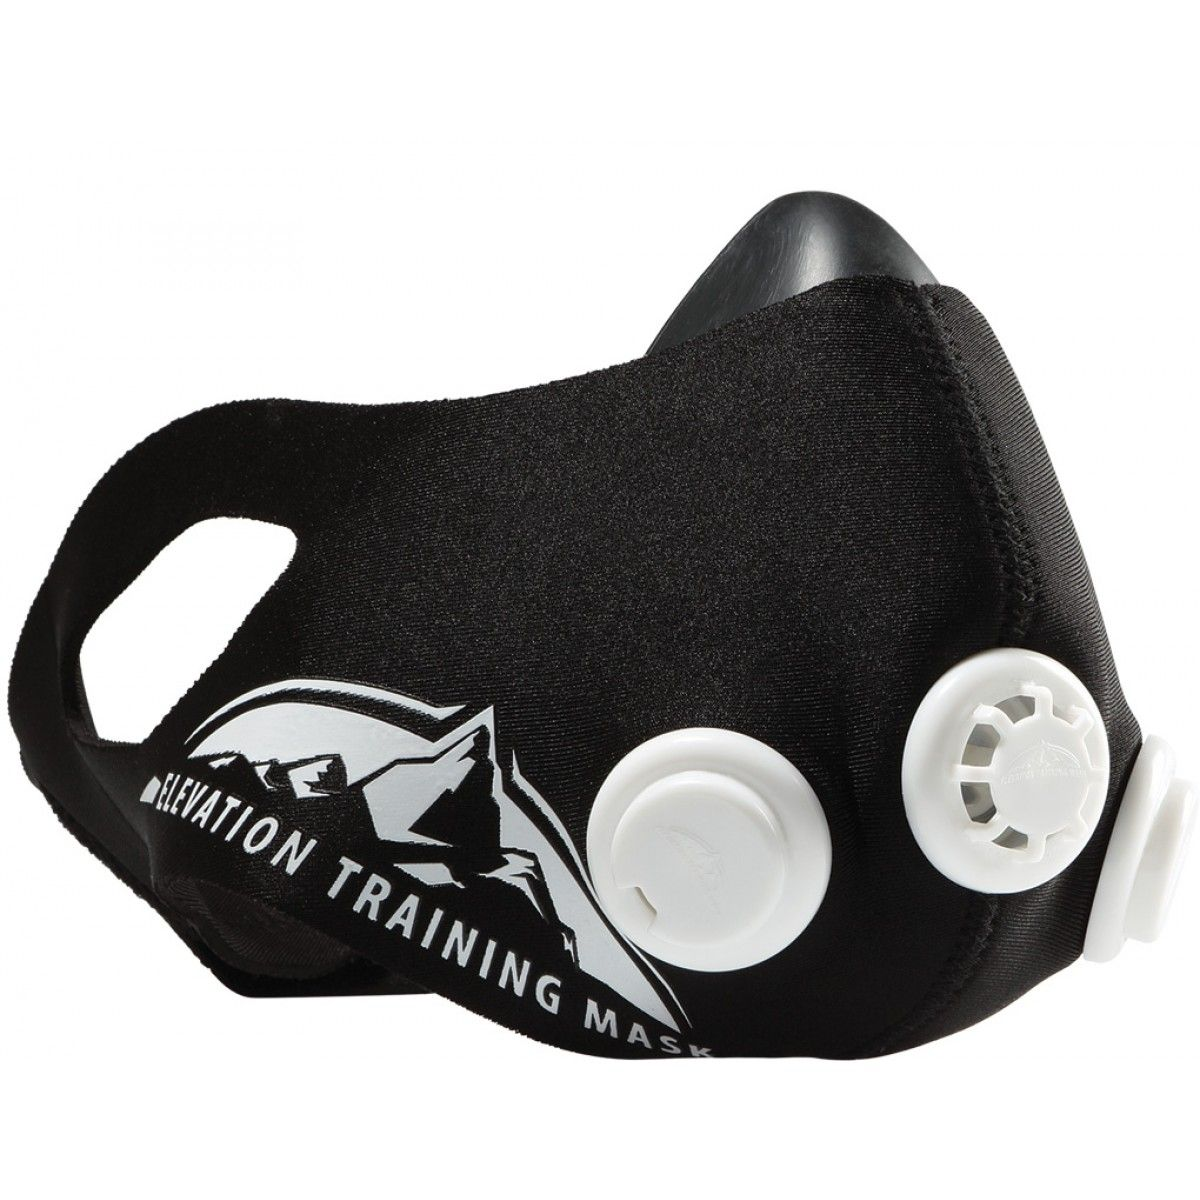 Тренировочная маска Elevation Training Mask 2.0 (размер M), для ограничения дыхания и выносливостиТренировочные маски<br>Тренировочная маска Elevation Training Mask 2.0 (размер M)<br> <br> <br>  <br> <br> <br> <br>  Здоровый образ жизни приобретает все большую популярность. Существует множество приспособлений для занятий спортом. Training Мask 2.0 – революционный тренажер, который существенно увеличит продуктивность от тренировки. Множество спортсменов испытали действие спортивной маски.<br> <br>   <br>    <br>   <br> <br>  Современная жизнь оставляет мало свободного времени. Не каждый сможет позволить выделить на тренировки хотя бы час. Что же делать? Отказаться от спорта вообще или заниматься непродуктивно?<br> <br>   <br>    <br>   <br> <br>  Маска elevation training увеличивает эффект от занятий спортом! За счет уникальной конструкции, имитируются условия тренировки в Альпах. Это позволяет заниматься всего лишь 20 минут! И эффект будет как от часовой тренировки.<br> <br>   <br>    <br>   <br> <br>  Как устроена Elevation Mask 2.0?<br> <br>  Надежное крепление – благодаря специальным отверстиям для ушей, тренировочная маска останется в одном положении даже во время самых интенсивных тренировок.<br> <br>  Уникальное покрытие – специальное покрытие создает воздухонепроницаемое уплотнение. Оно не только моющееся, но и создается в различных цветовых вариантах!<br> <br>  Разные размеры – создаются маски малого, среднего и большого размера – все для вашего удобства.<br> <br>  Клапаны сопротивления – уникальная разработка! С помощью клапанов elevation mask 2.0 ваше тело будет тренироваться еще лучше!<br> <br>   <br>    <br>   <br> <br>   <br>    <br>   <br> <br>   <br>    <br>   <br> <br>  Устройство клапанов:<br> <br>  Переменное сопротивление – Специальные колпачки позволяют изменить сопротивление, исходя из построения силовой тренировки или на выносливость.<br> <br>  Клапан регулировки входного потока воздуха – устройство, увеличивающее сопротивление воздухозаборника